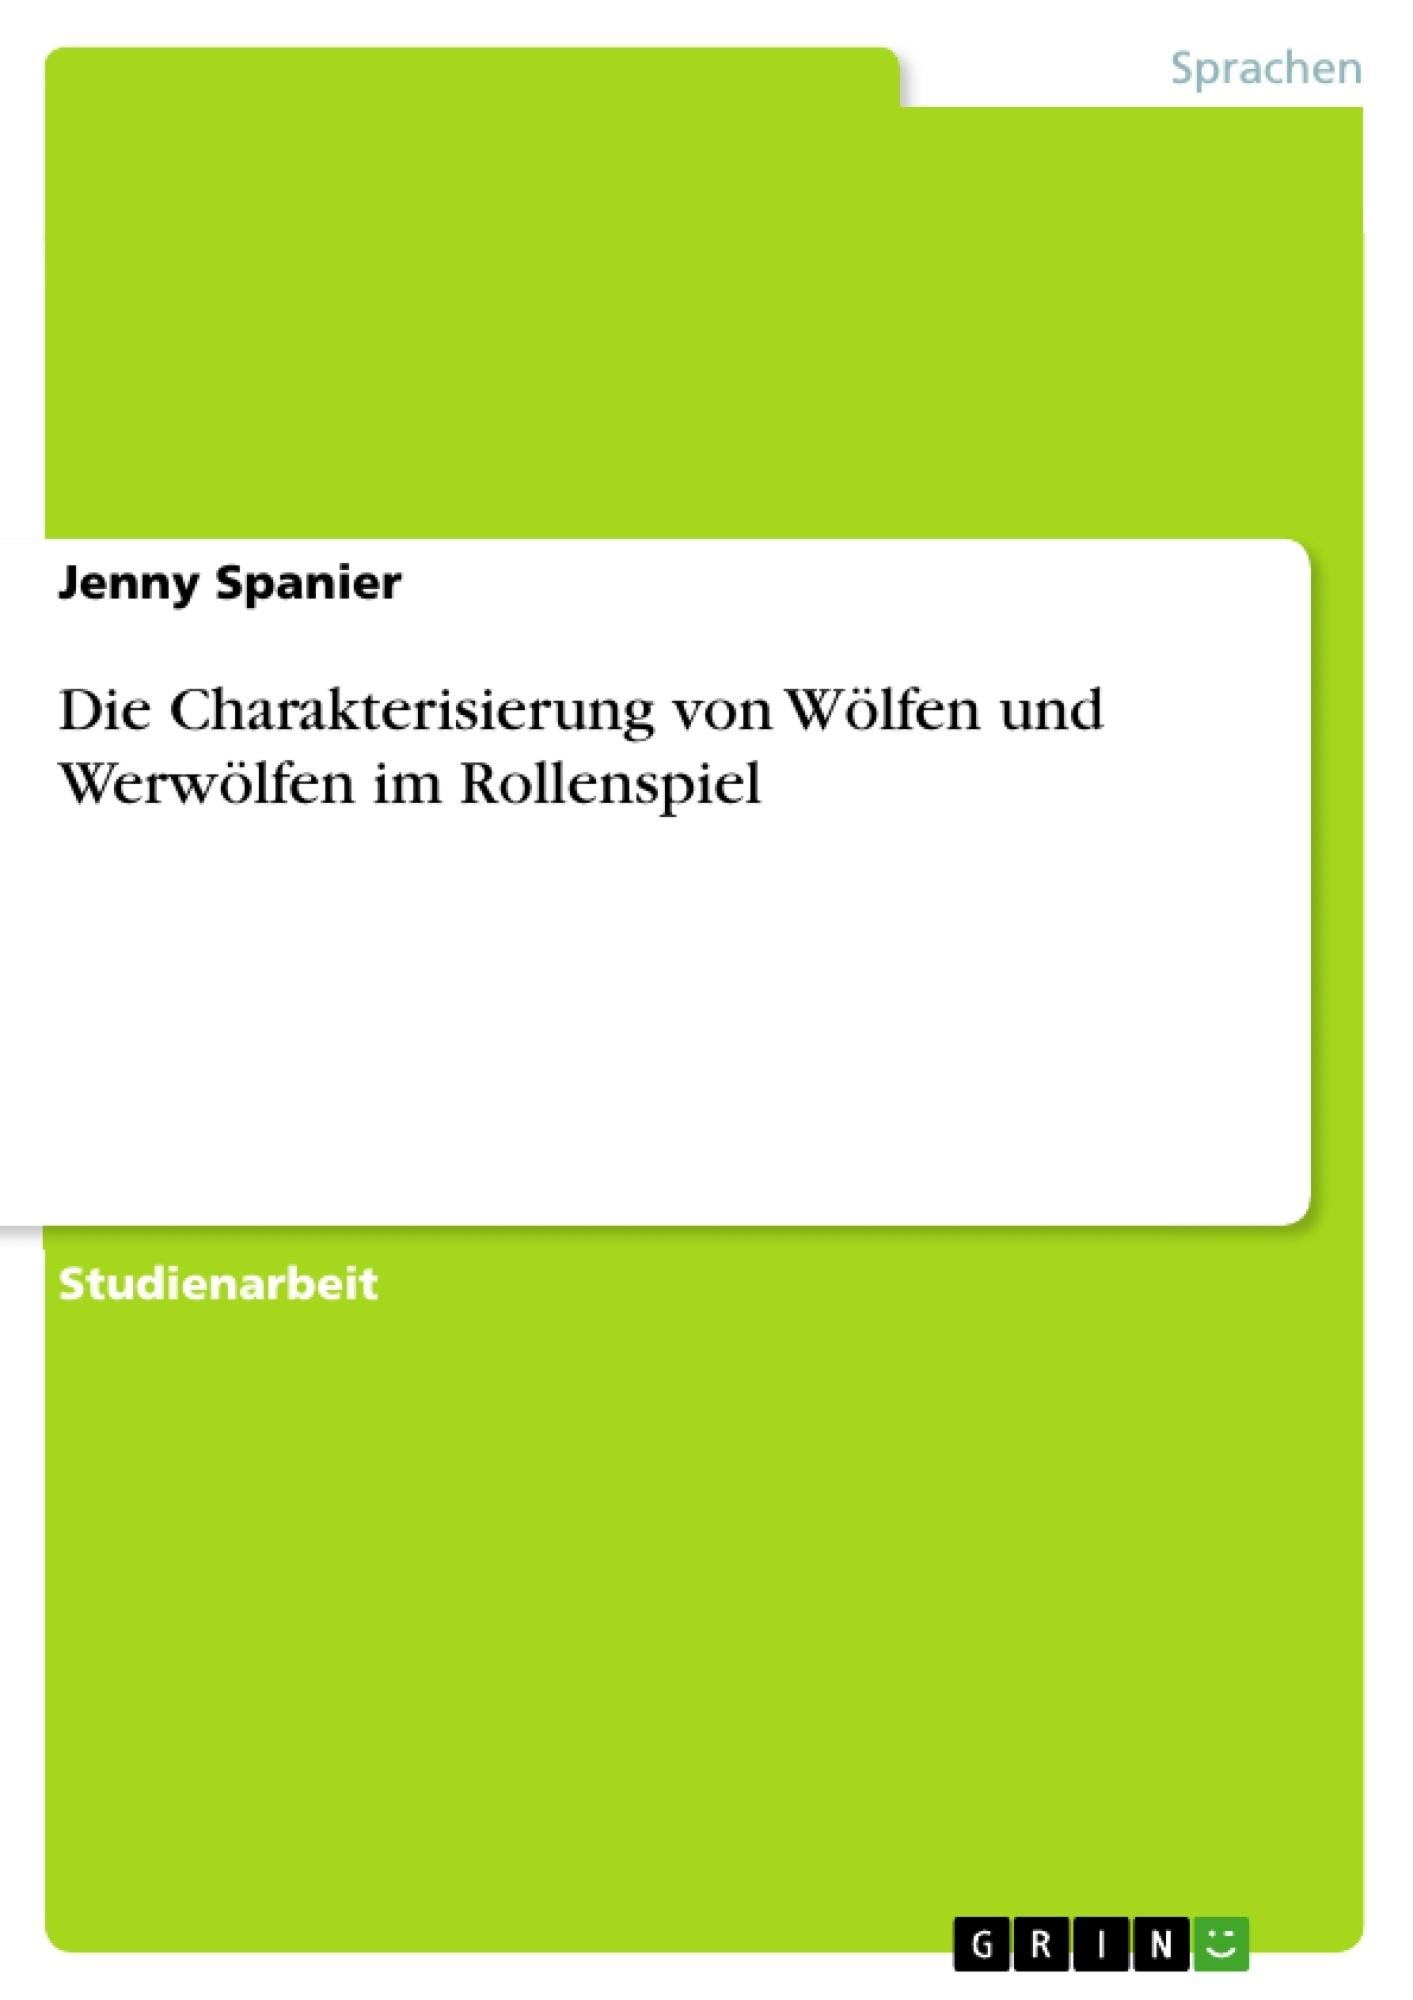 Titel: Die Charakterisierung von Wölfen und Werwölfen im Rollenspiel